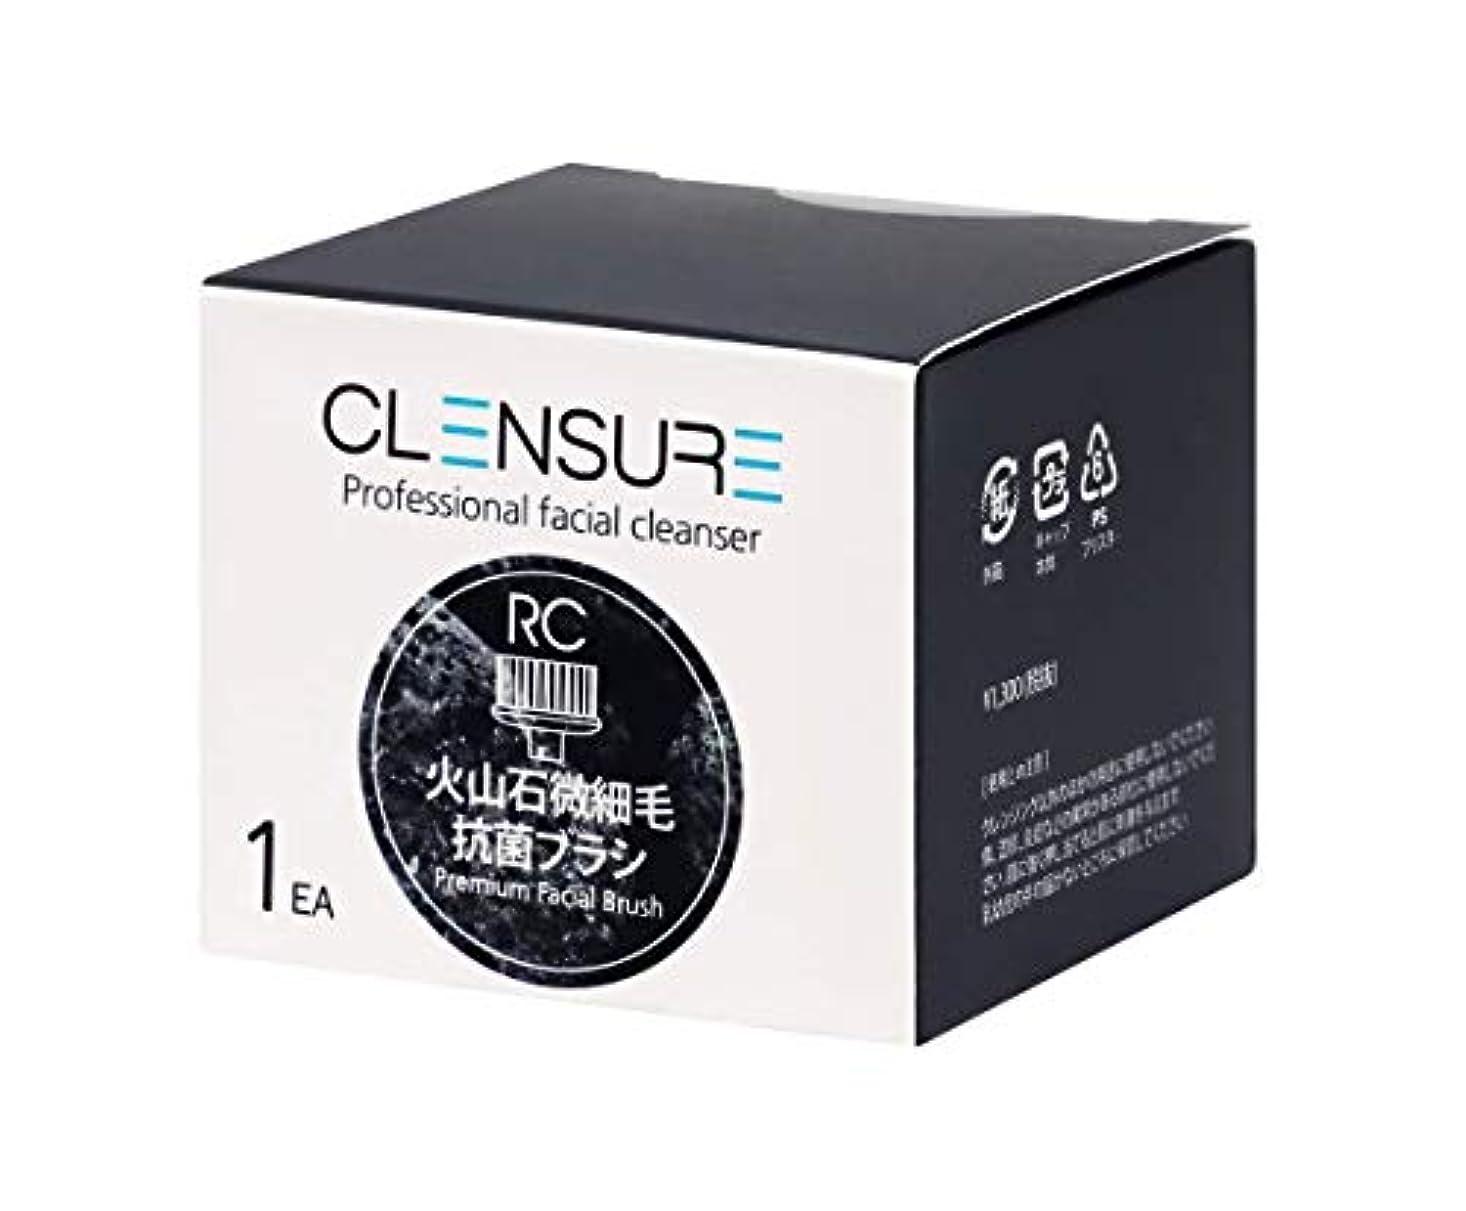 神経衰弱版月面CLENSURE(クレンシュア)フェイシャルクレンザーRC 交換用ブラシ